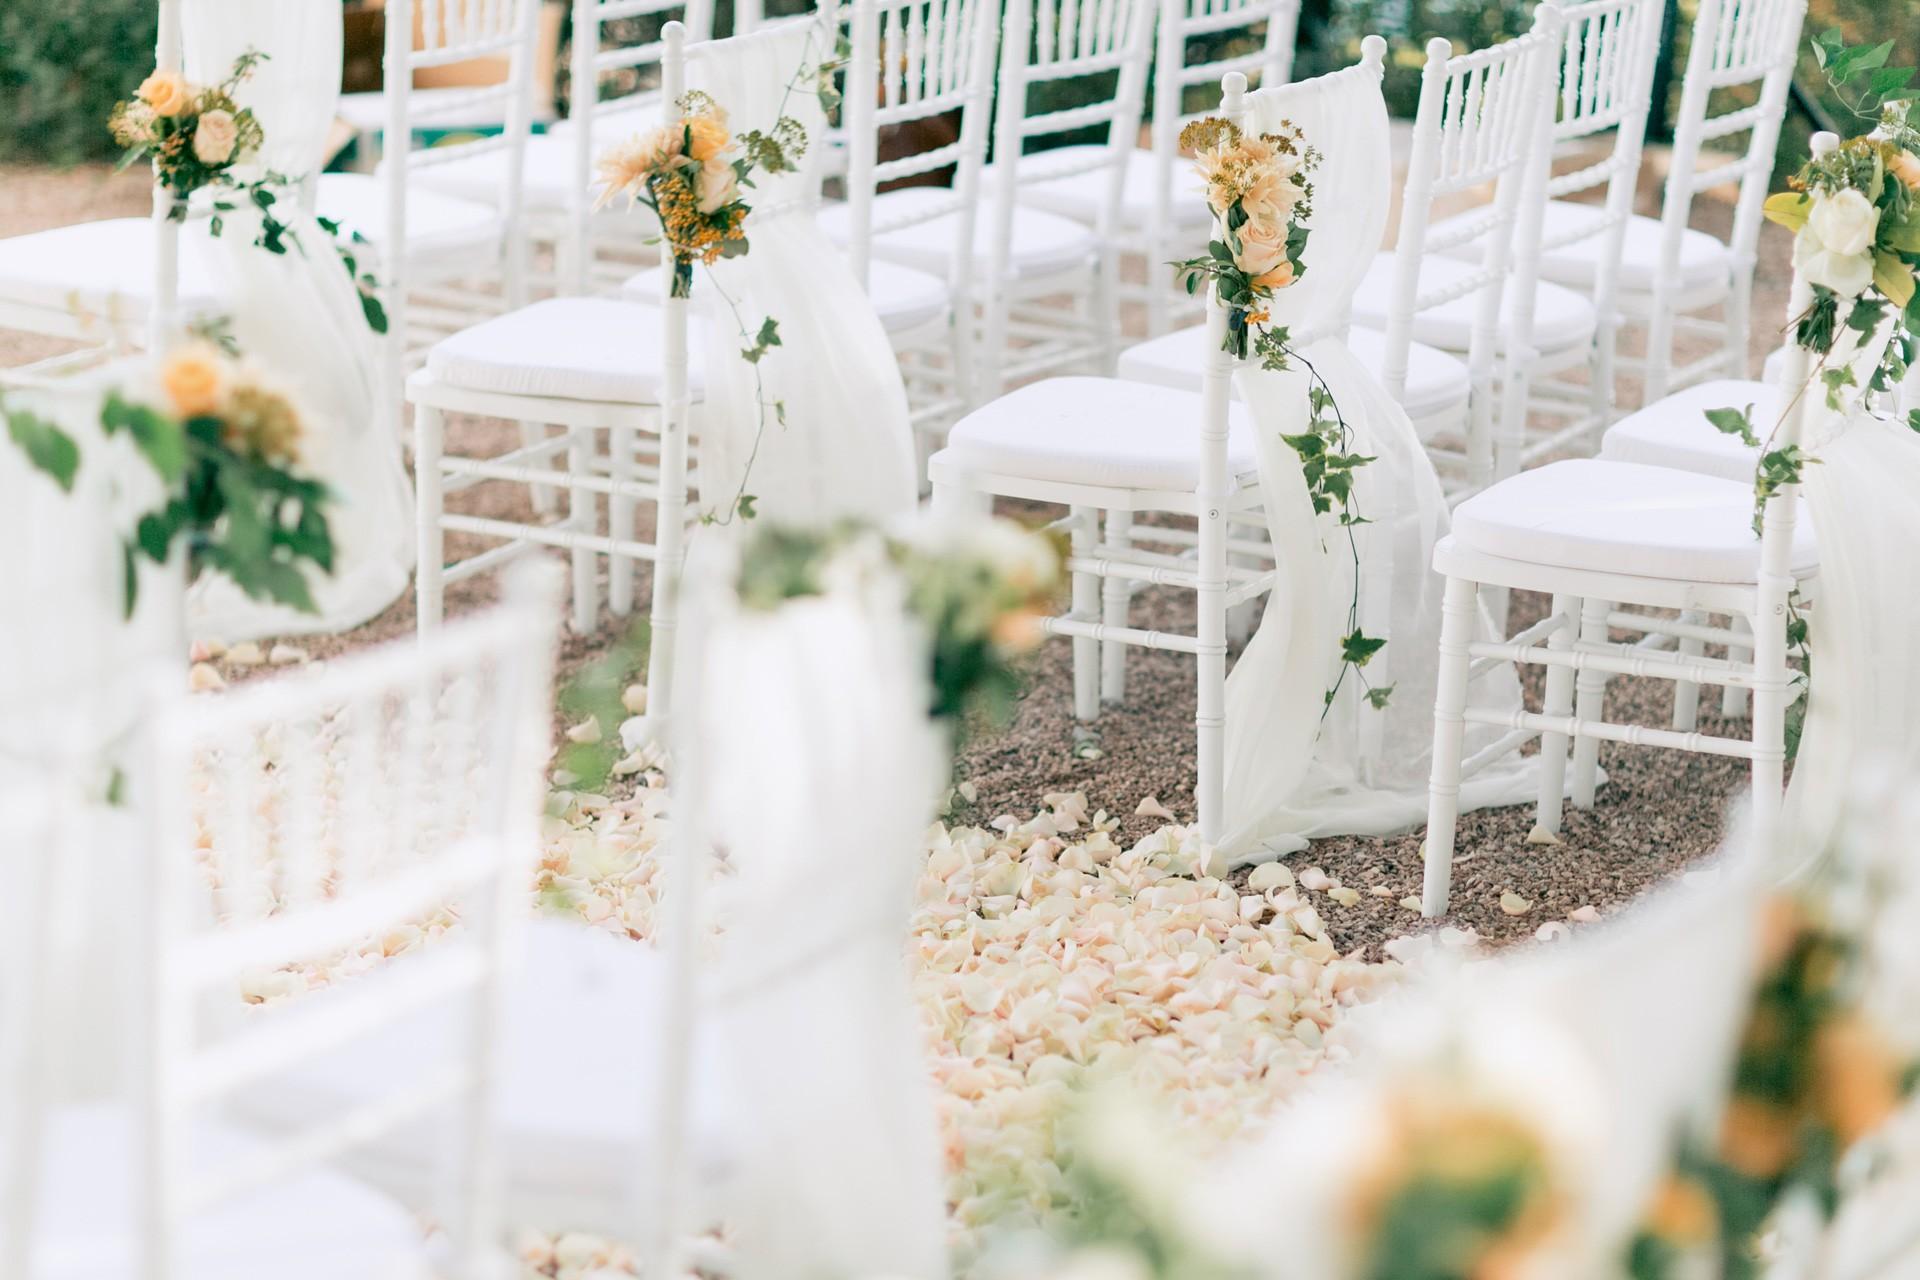 Декоратор Ольга Белецкая: «Свадебные декорации должны отличаться от театральных» фото 3